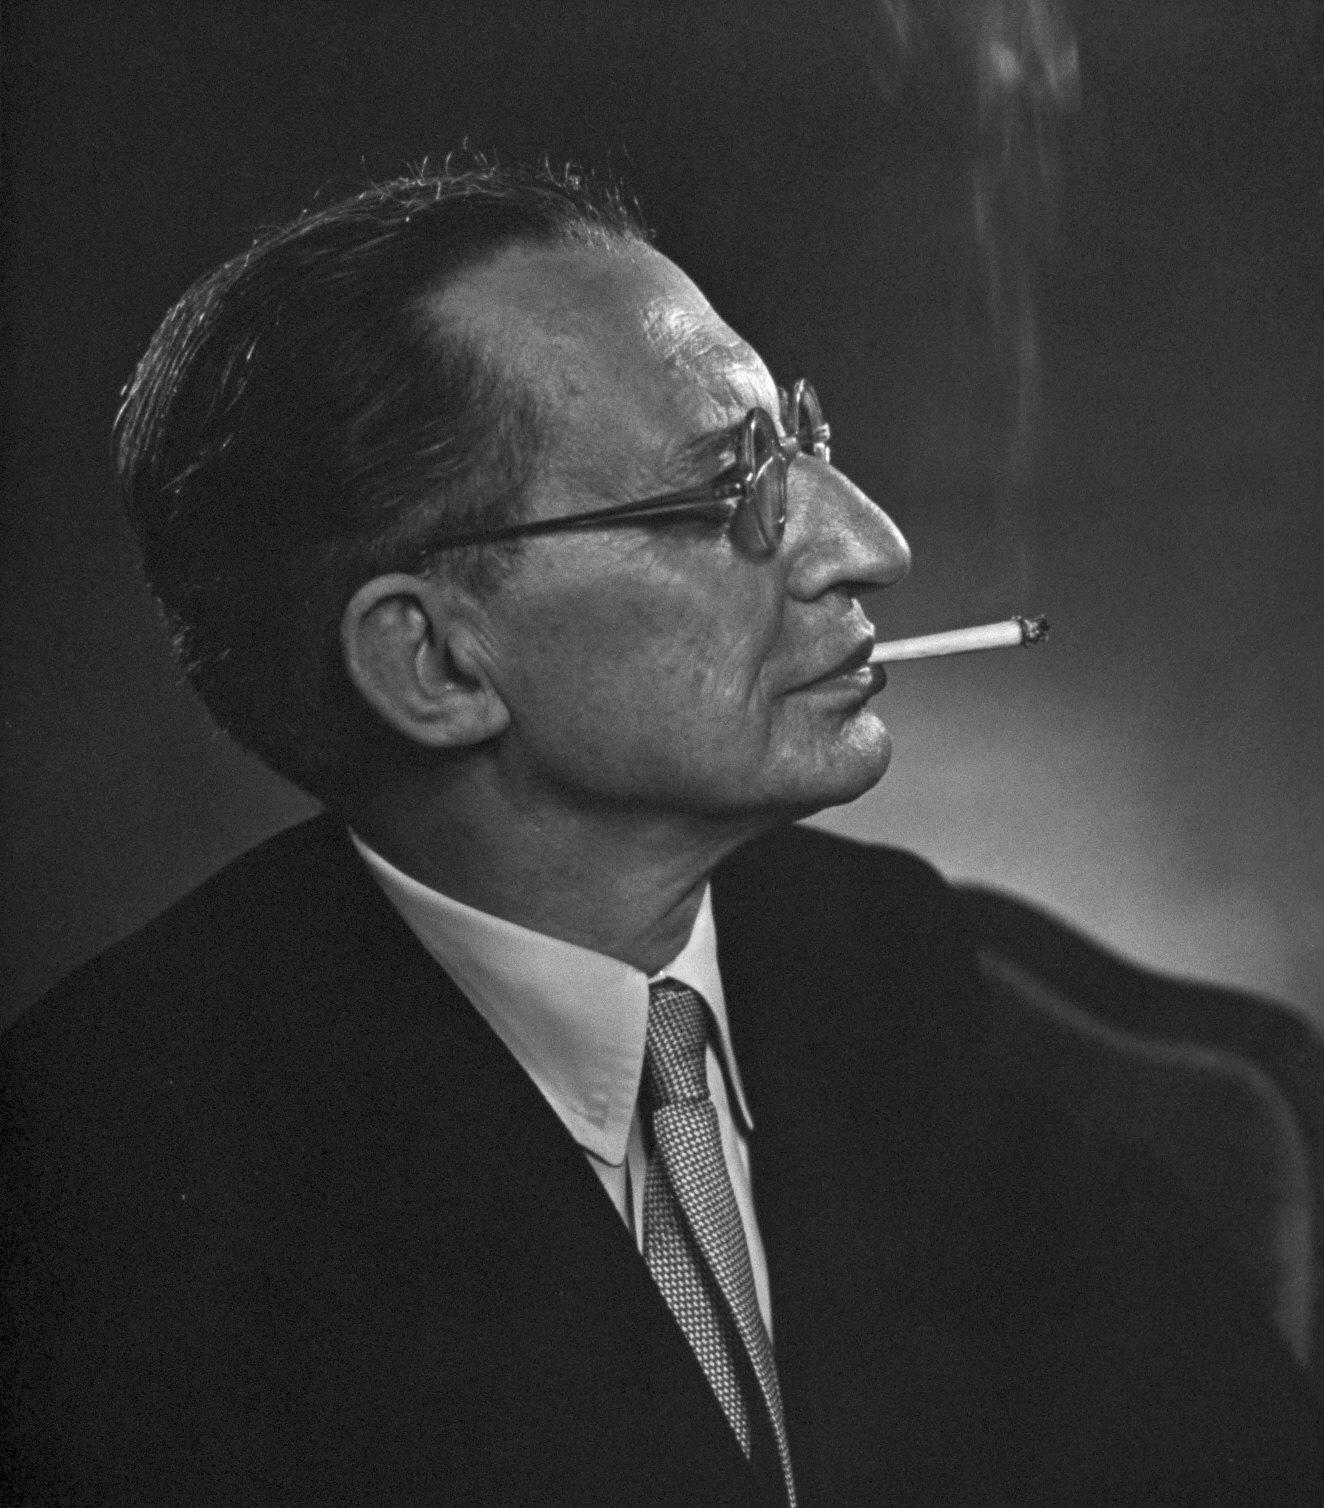 Prime Minister Alcide de Gasperi